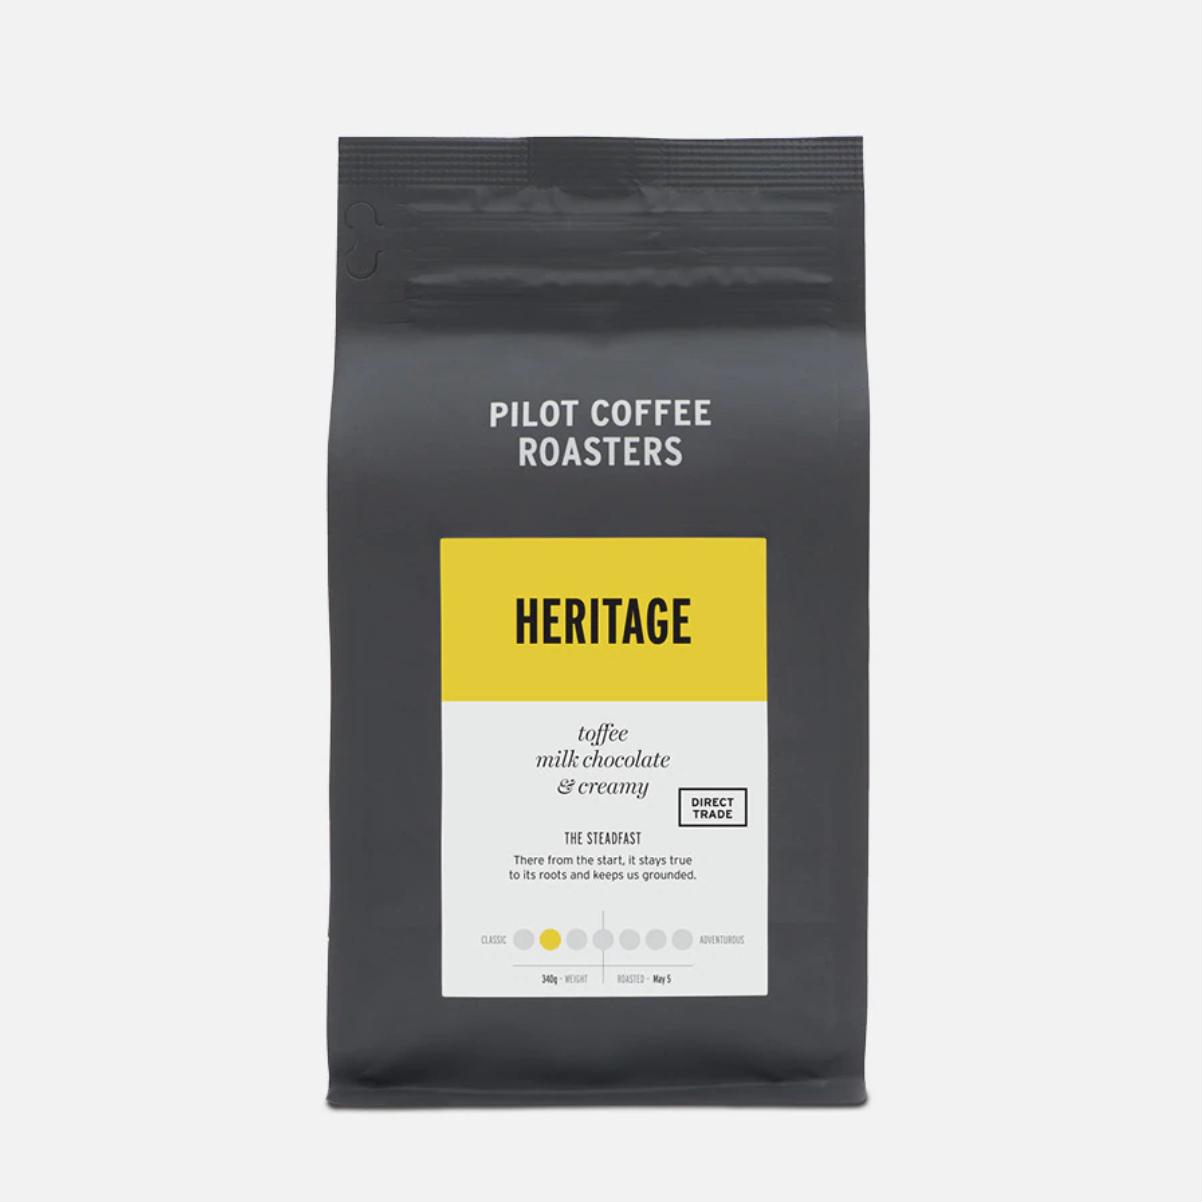 Pilot Coffee